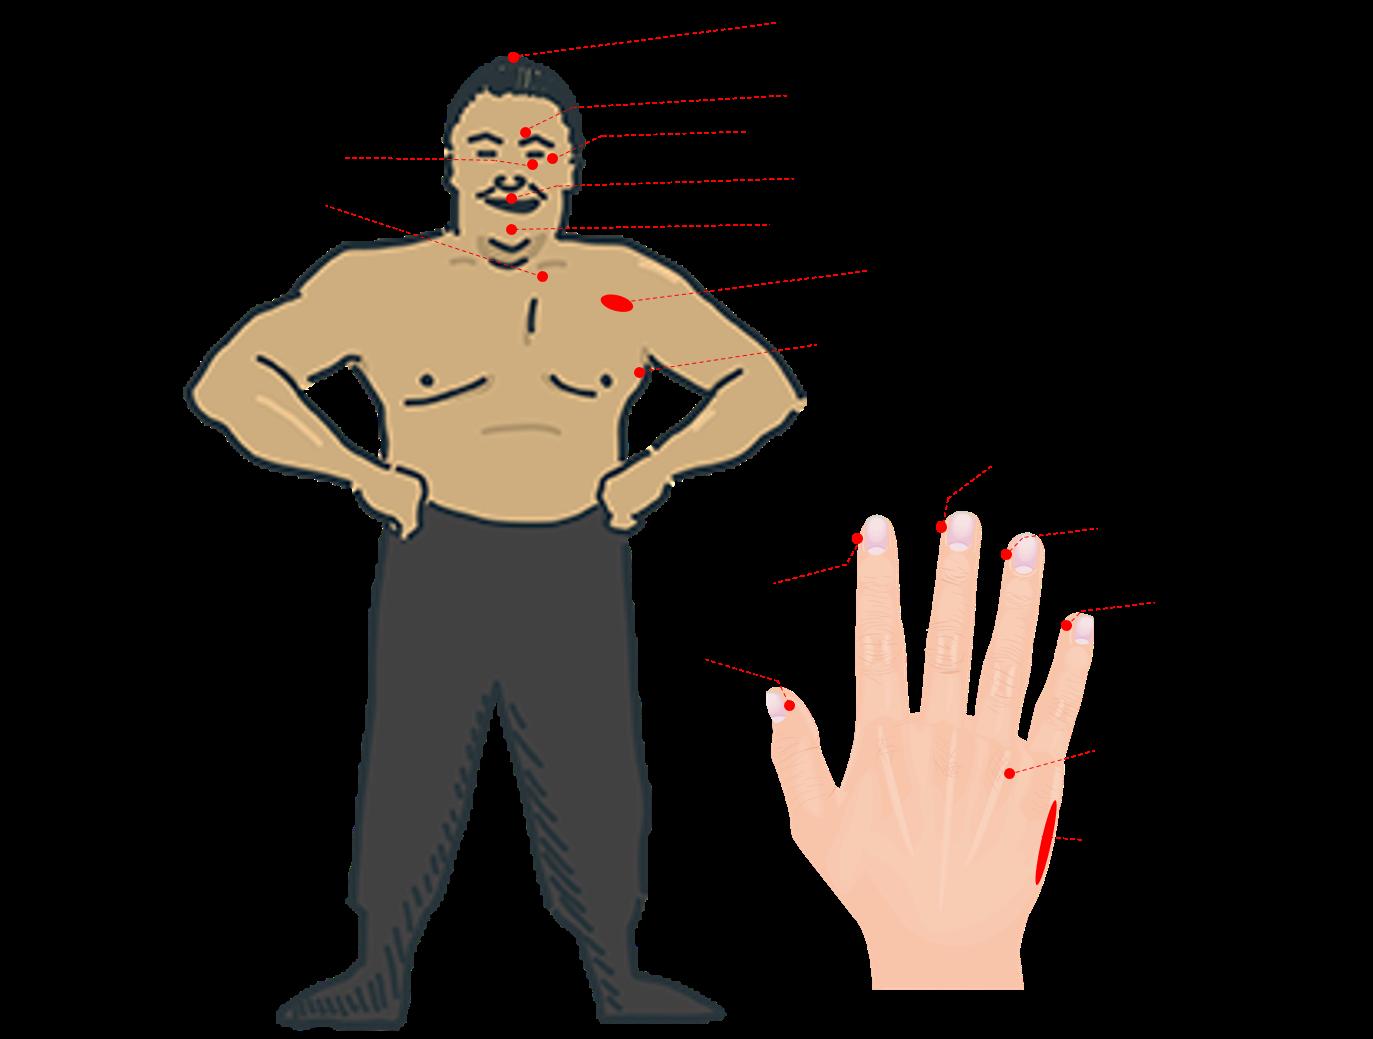 トントントントン♪ 簡単なセルフケア‼TFT(思考場療法) - トラウマ、パニック、うつ、恐怖、依存